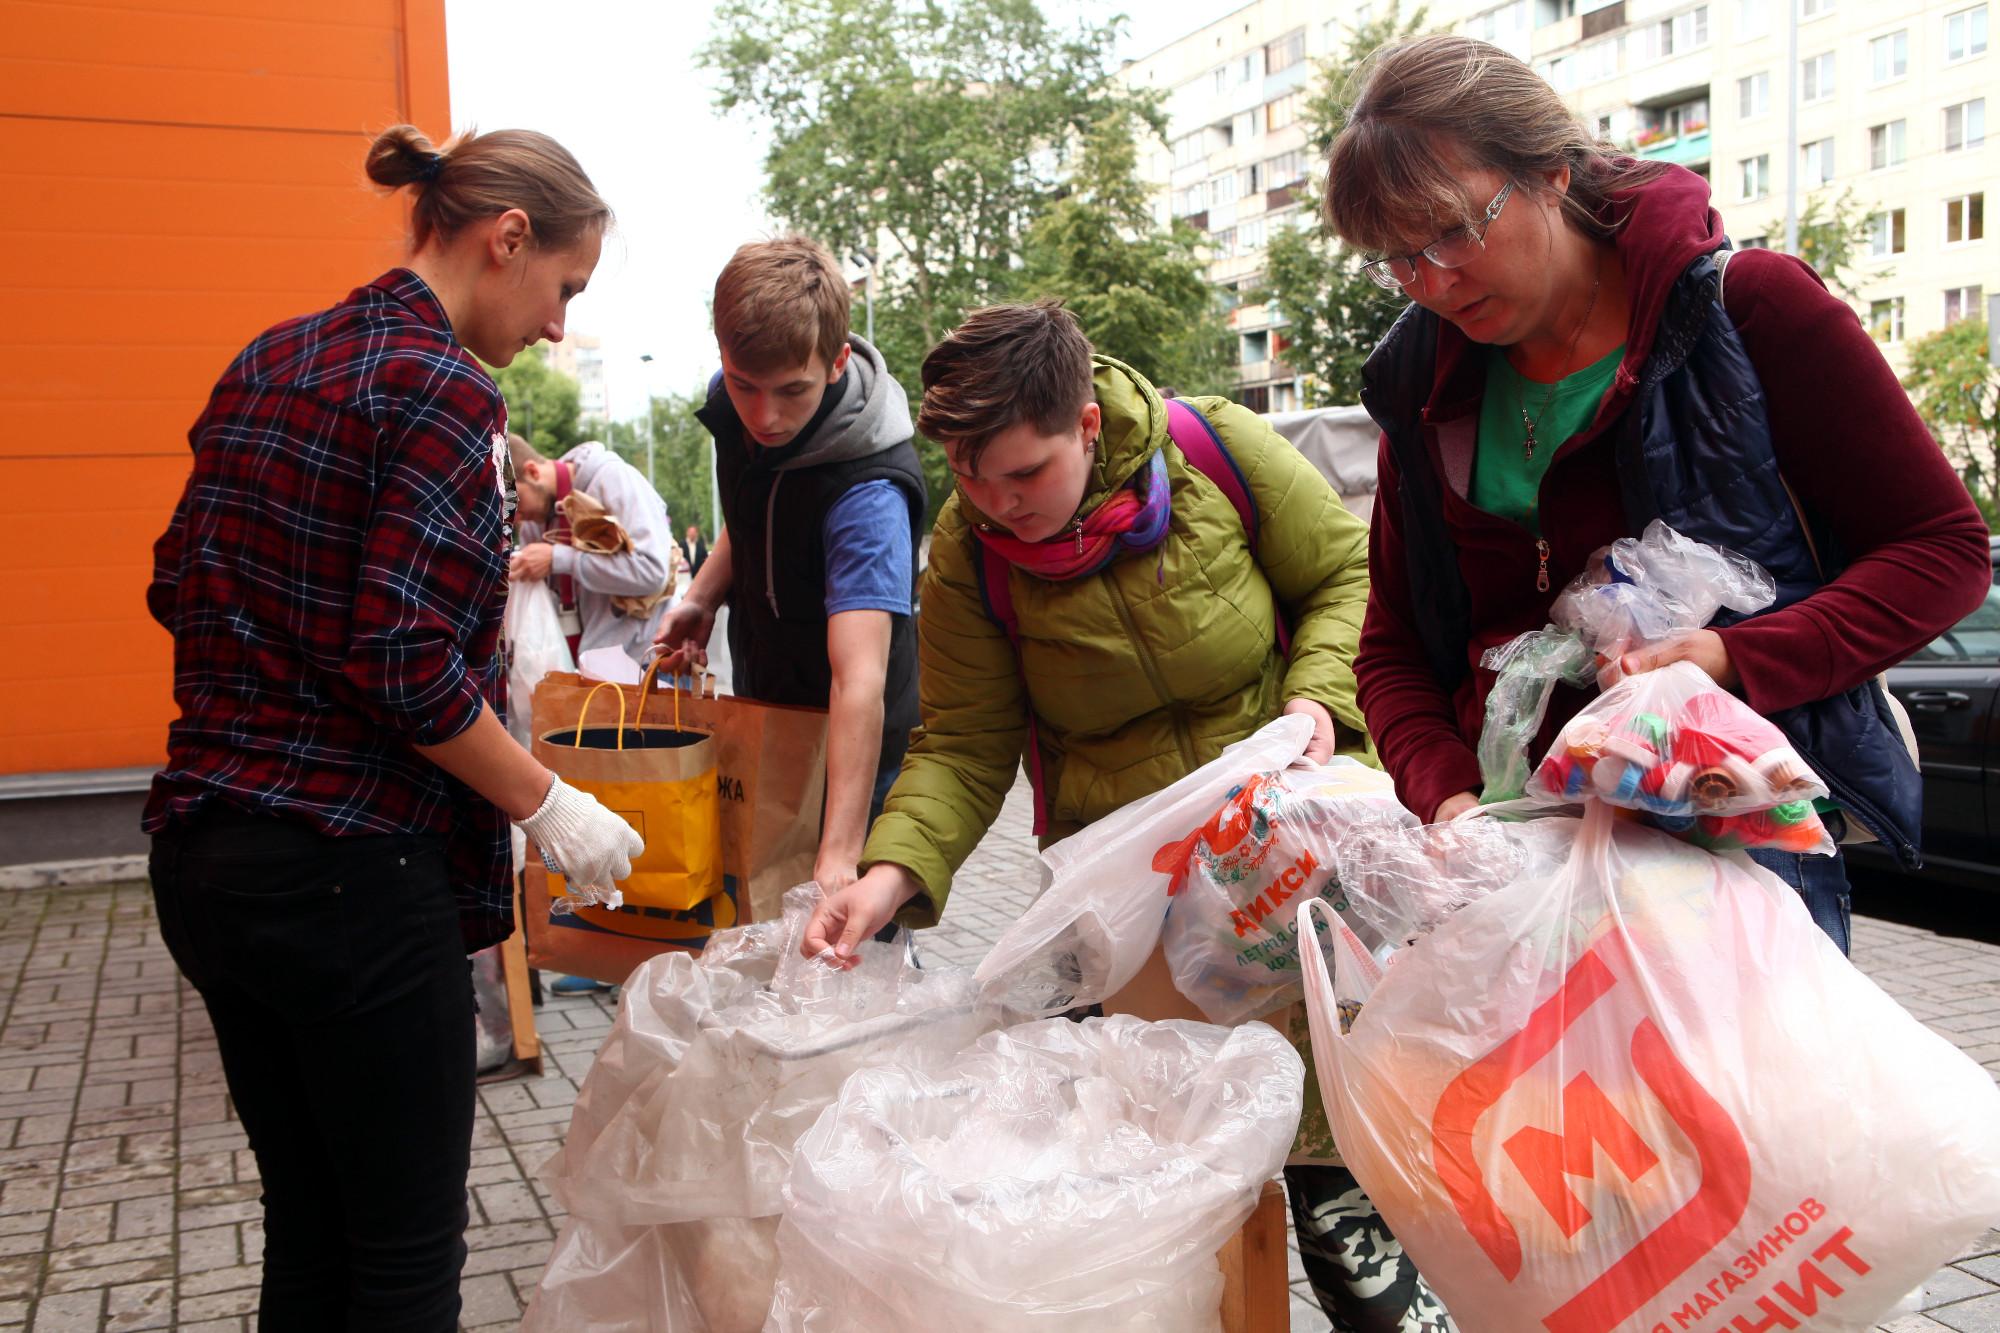 раздельный сбор вторсырьё пластмассовые пакеты мешки